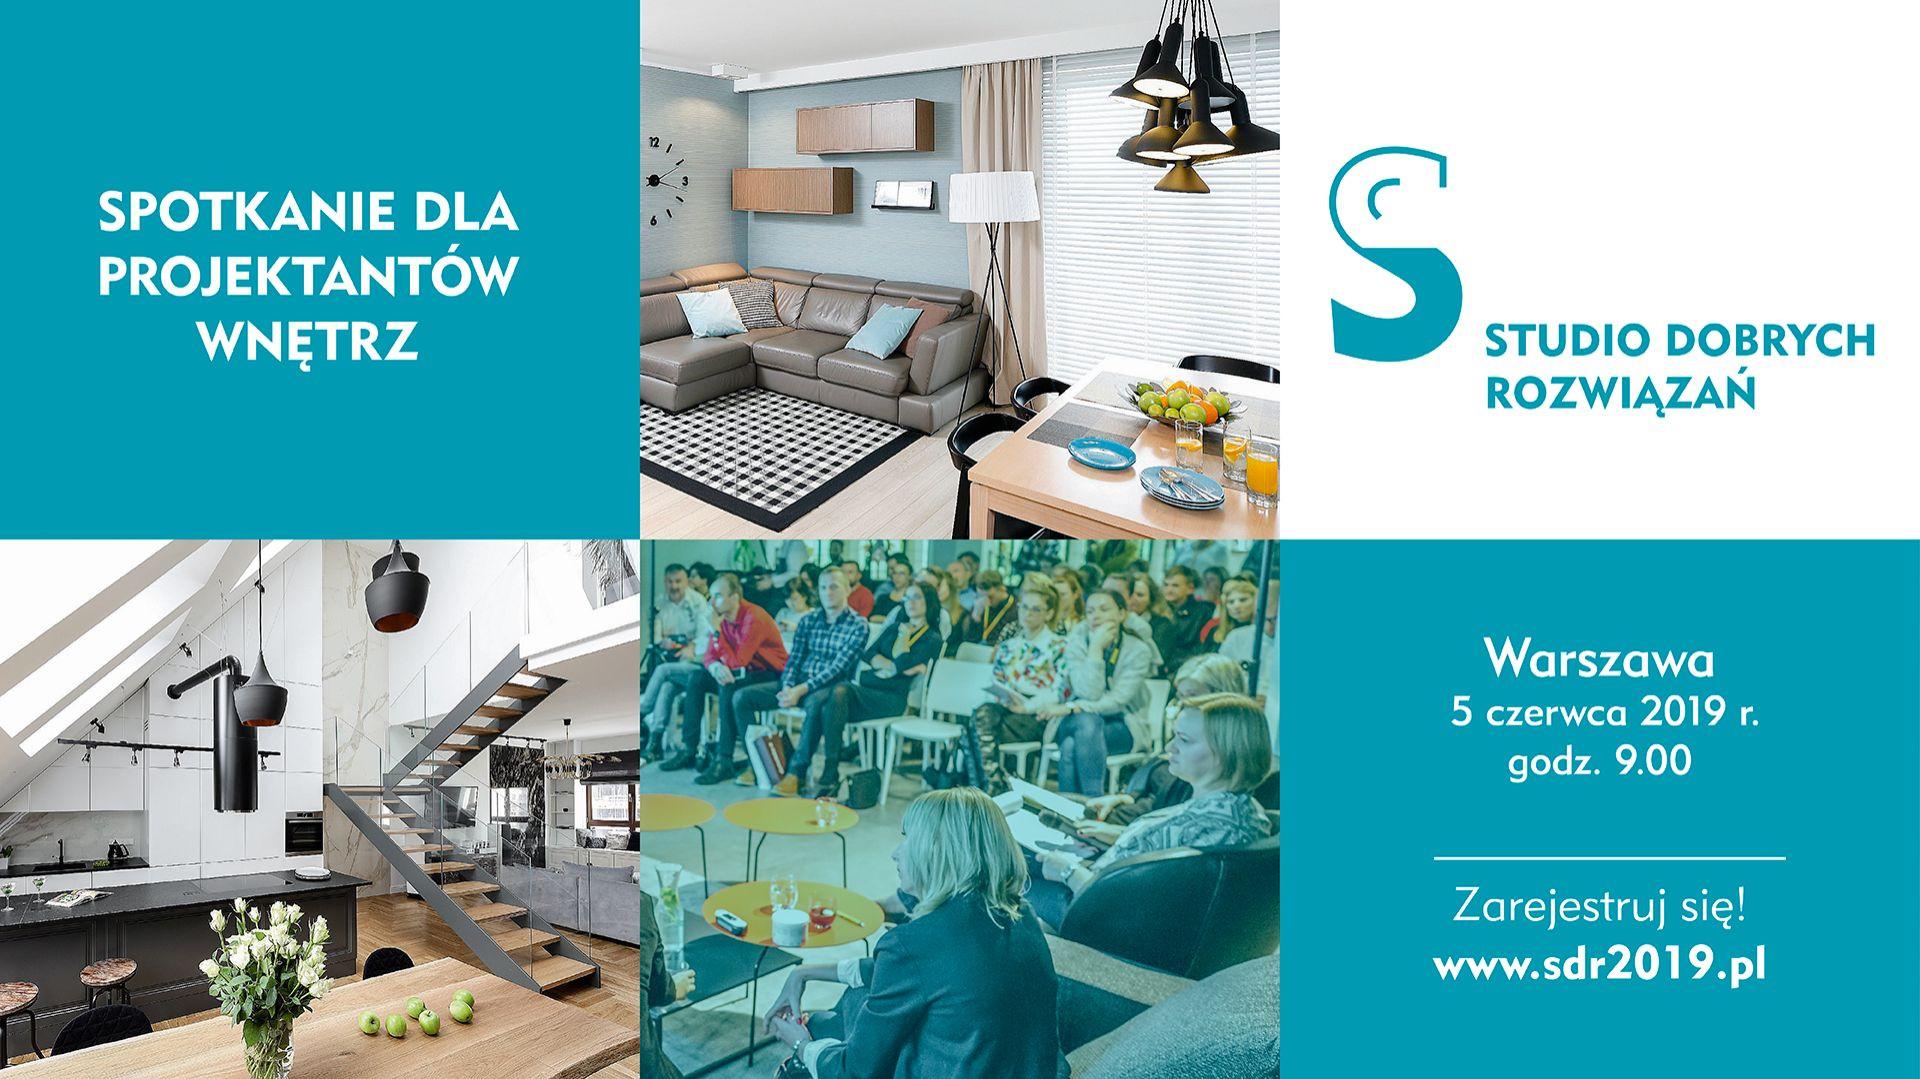 Studio Dobrych Rozwiązań w Warszawie - 5 czerwca 2019.